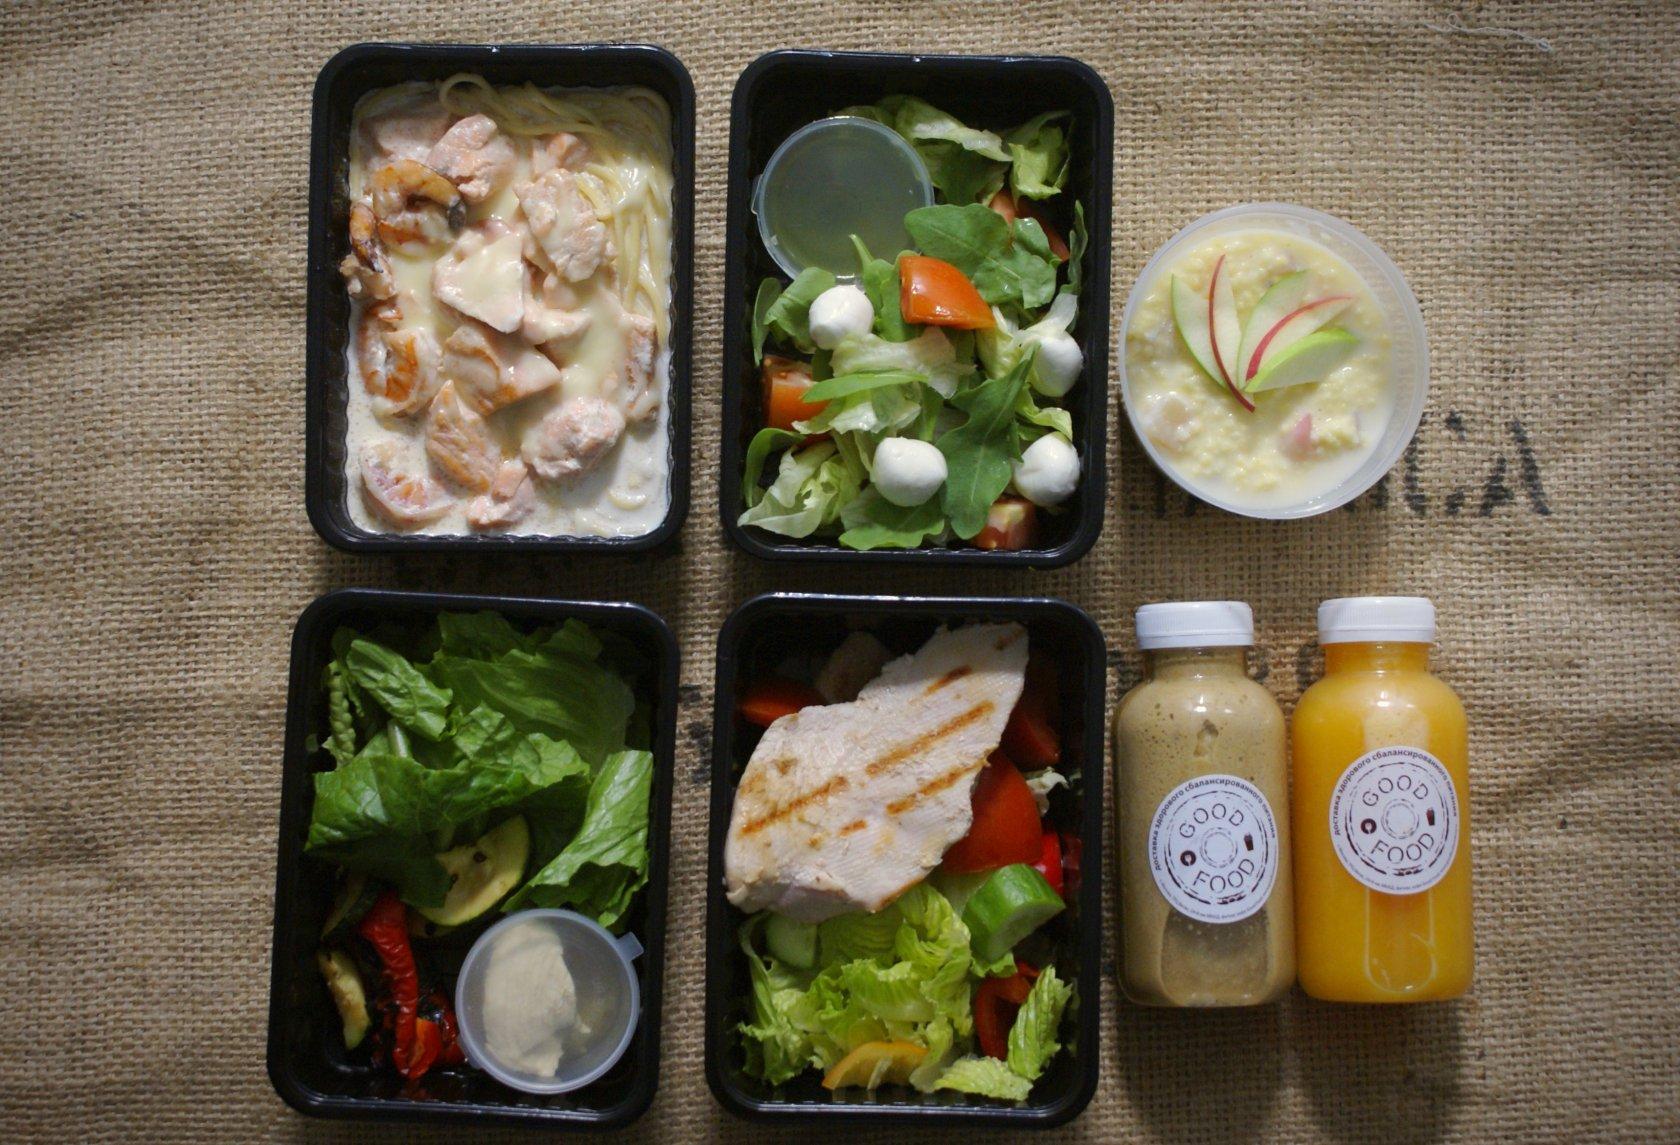 Полный Рацион Для Похудения. Рацион правильного питания для похудения на каждый день — 7 лучших вариантов от диетолога